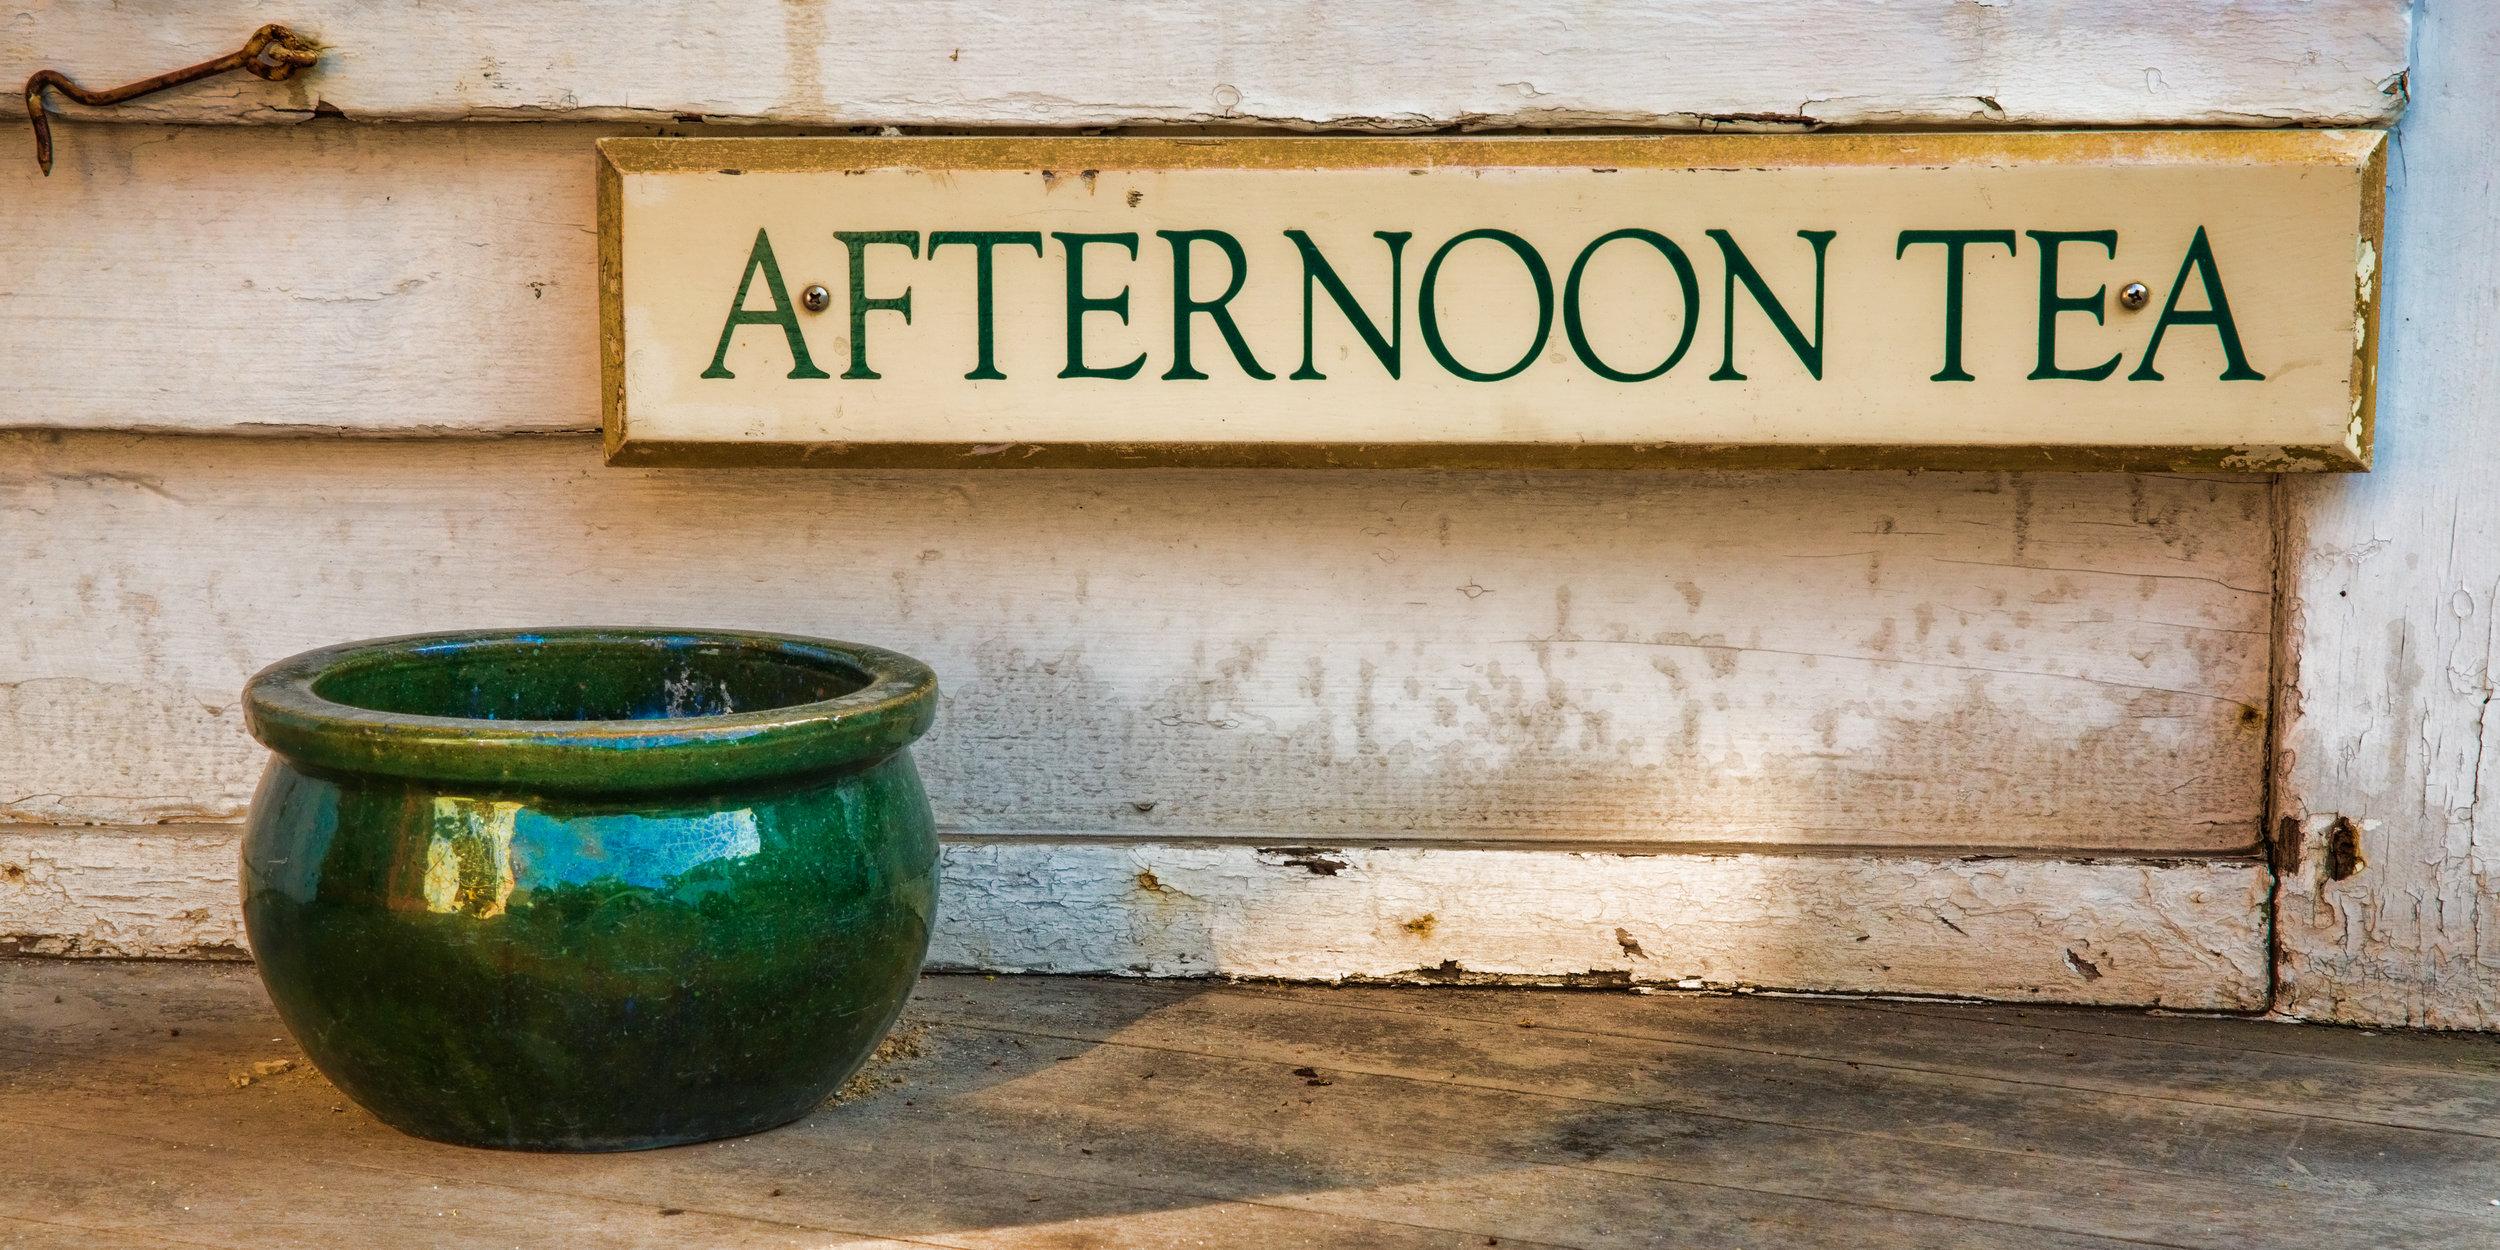 z - Afternoon Tea.jpg